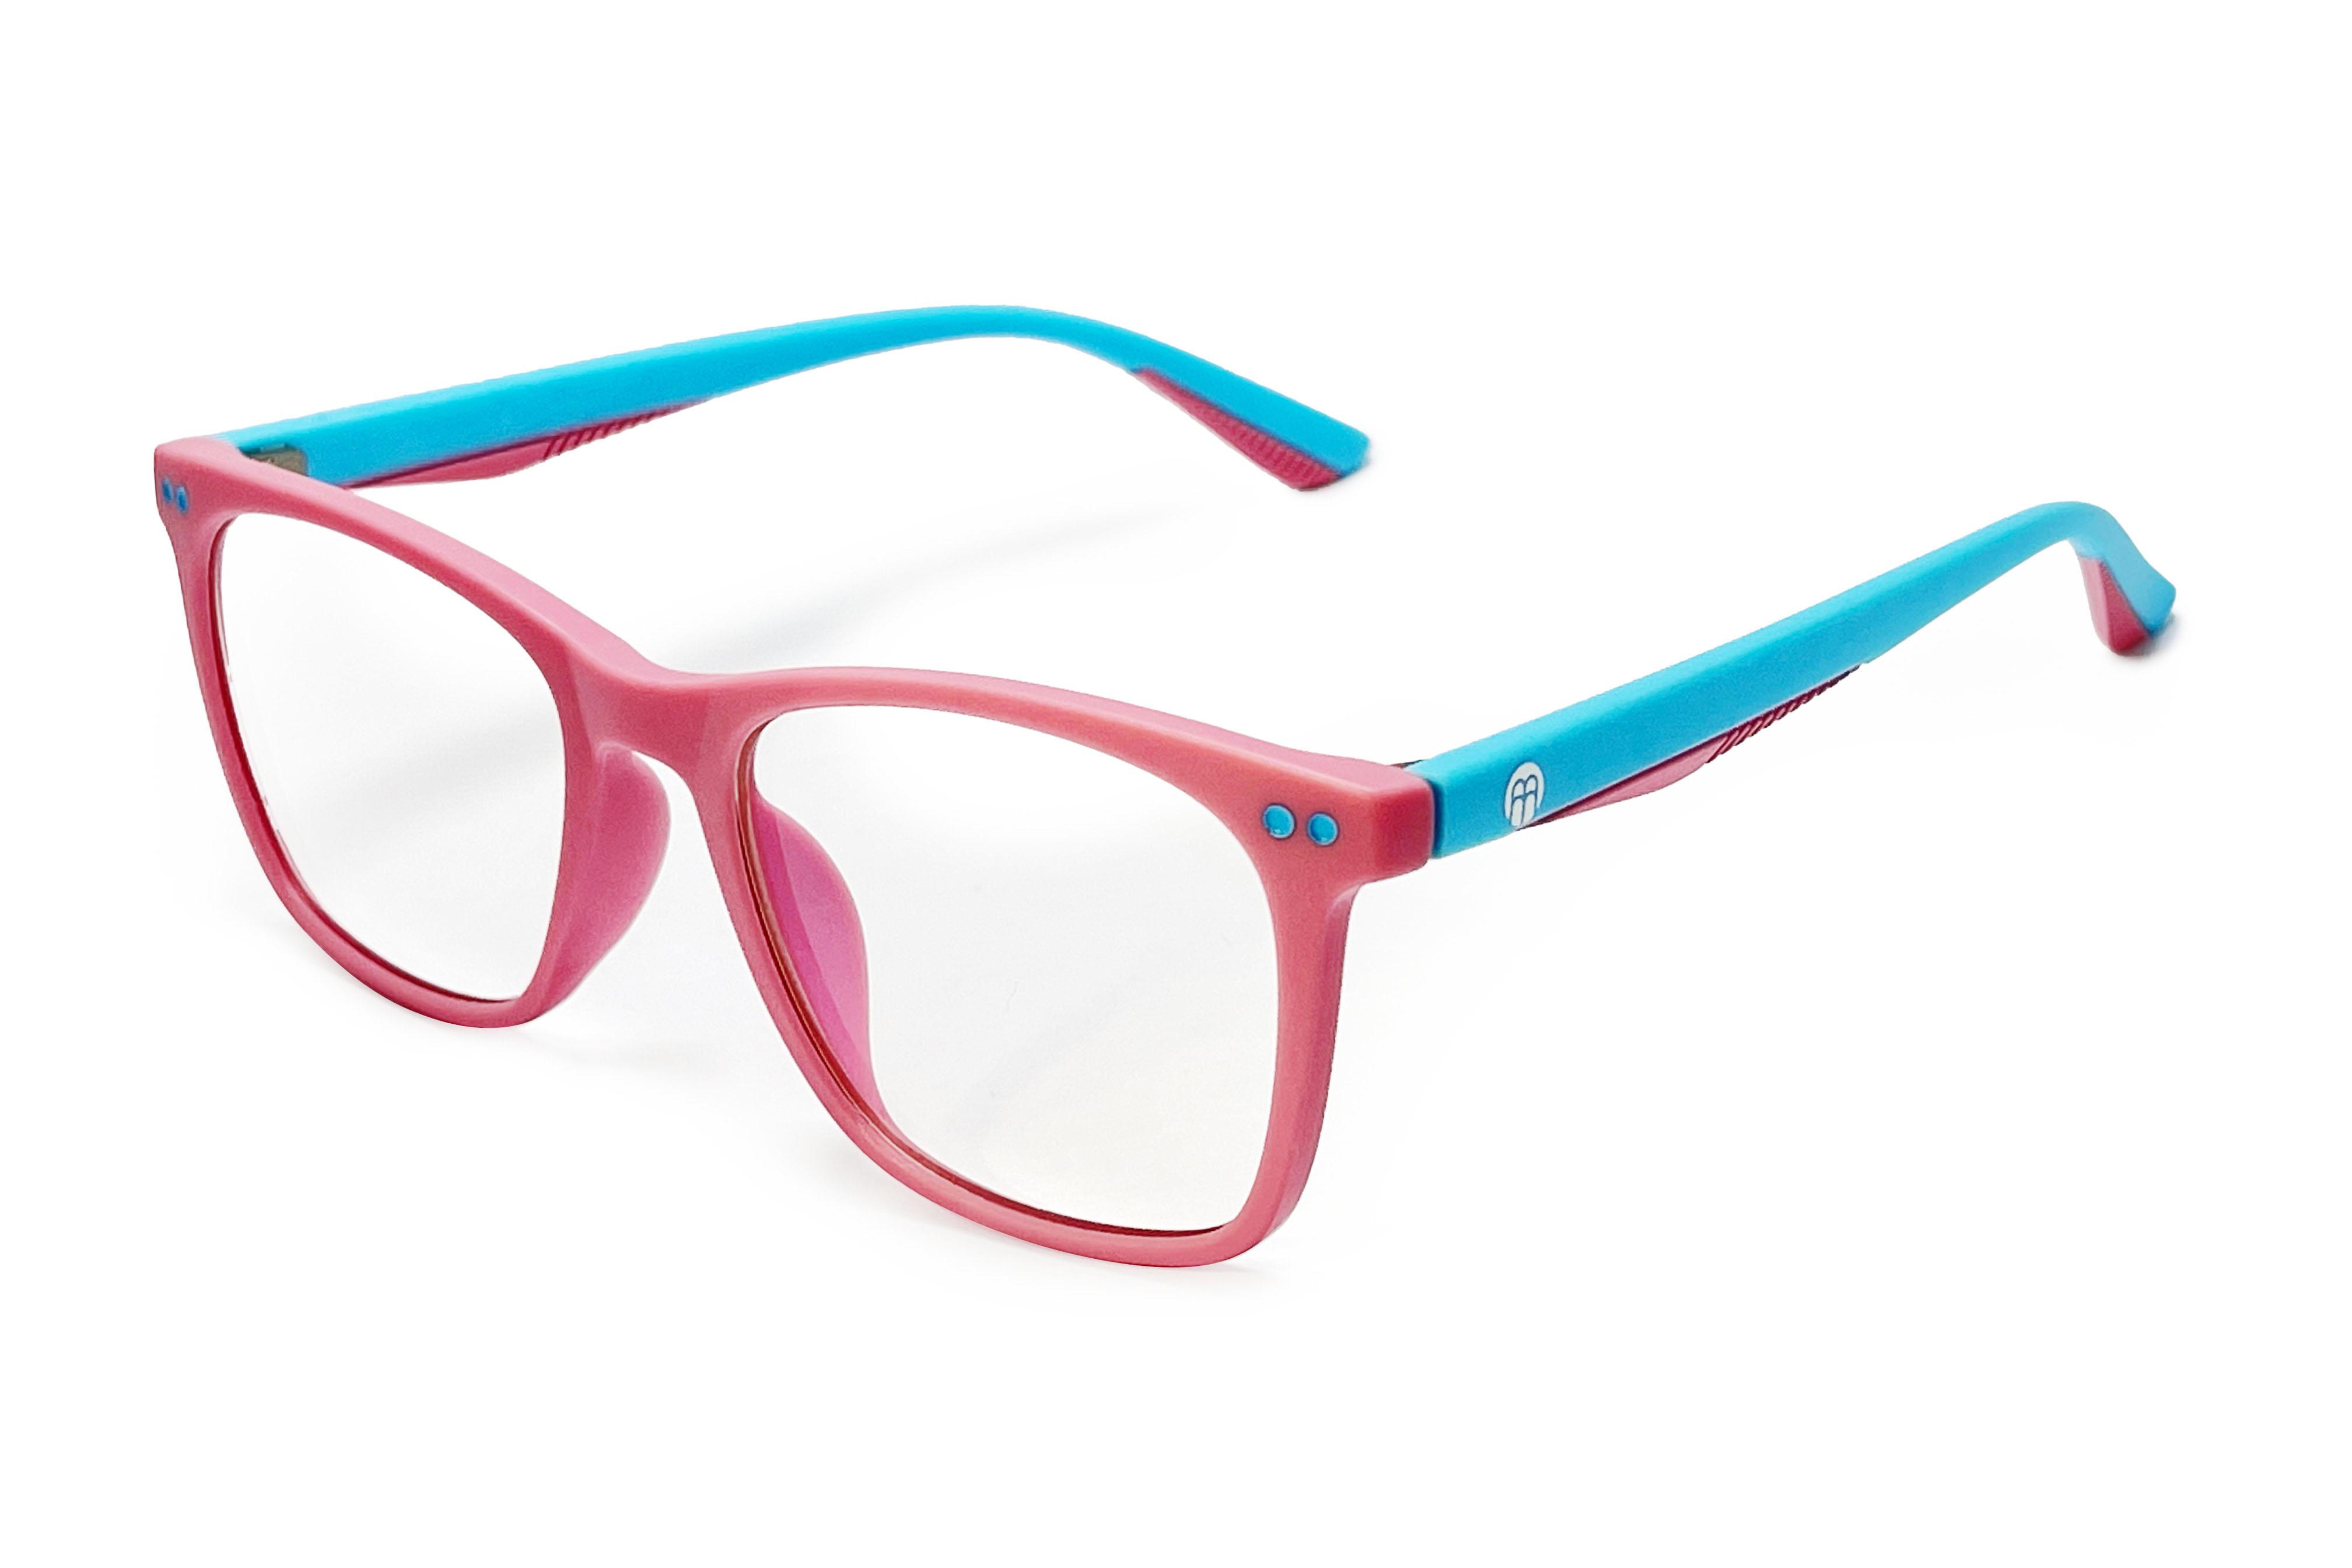 BrainMax Detské okuliare blokujúce 15% modrého svetla (ružovo-zelené)